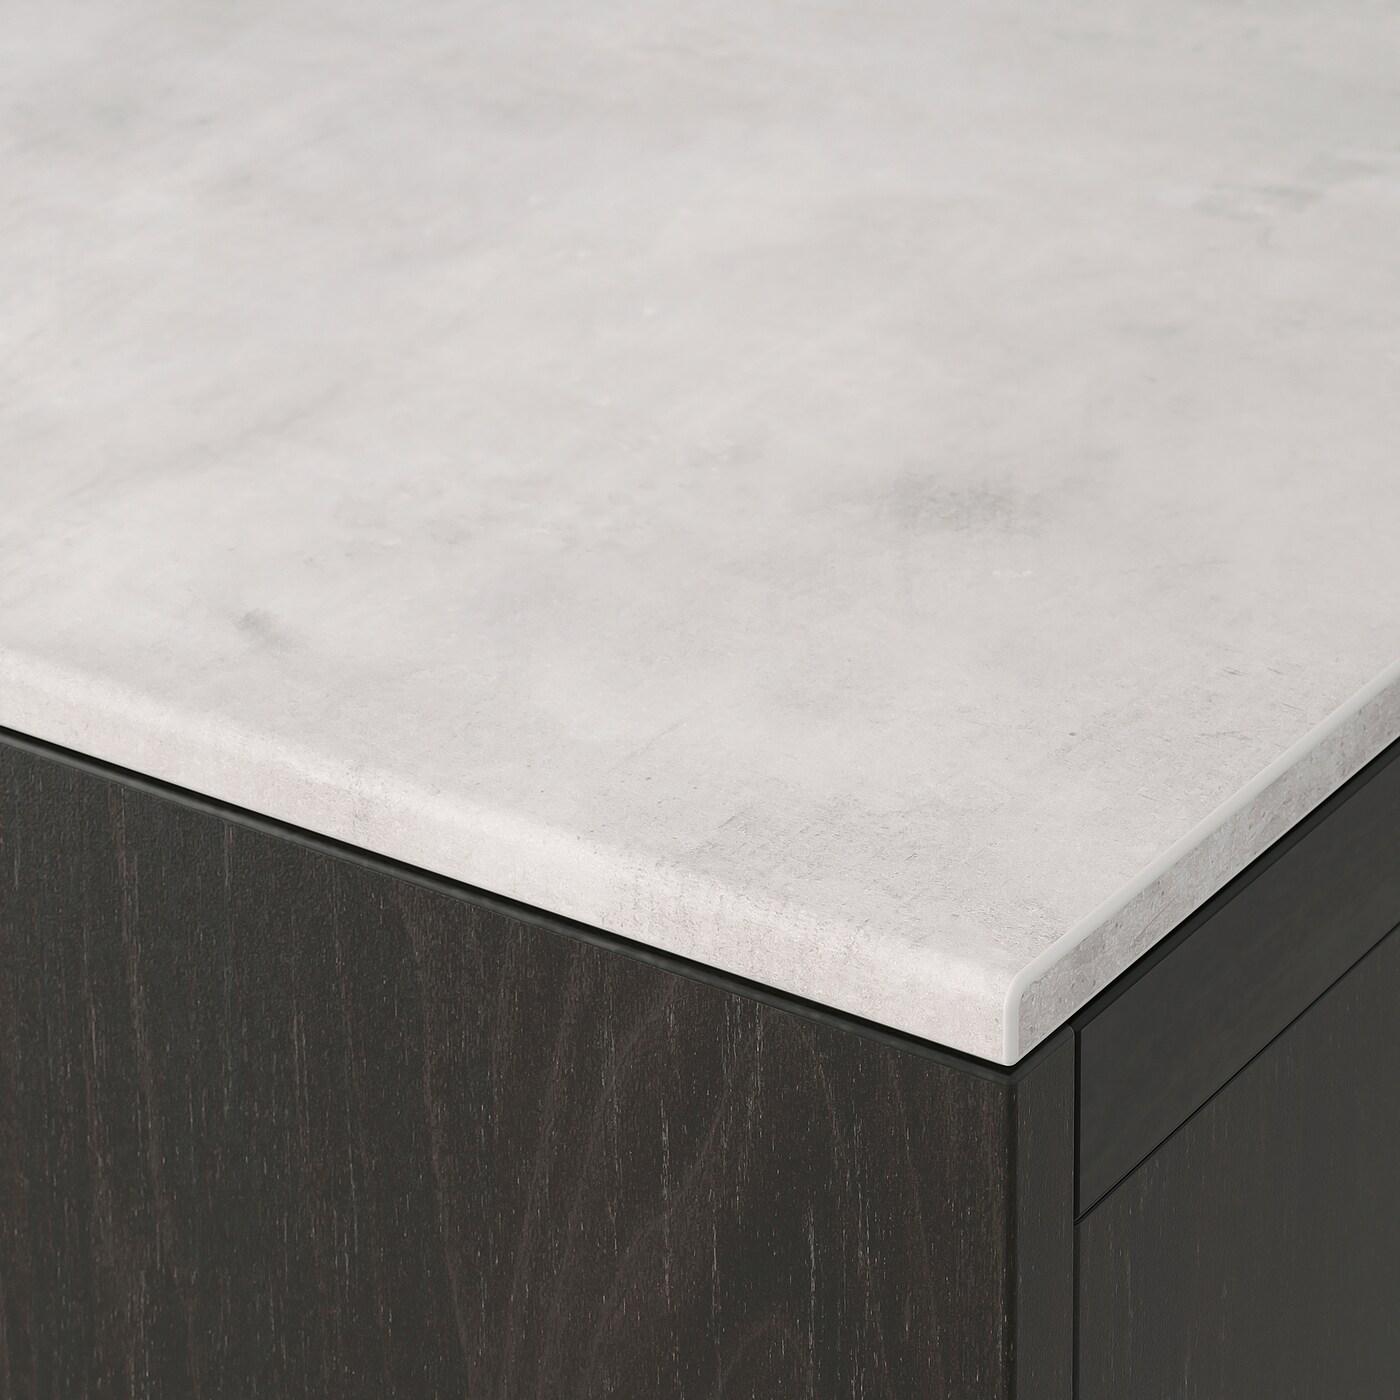 Full Size of Arbeitsplatte Betonoptik Ikea Best Deckplatte Küche Sideboard Mit Arbeitsplatten Bad Sofa Schlaffunktion Miniküche Kosten Betten Bei 160x200 Modulküche Wohnzimmer Arbeitsplatte Betonoptik Ikea